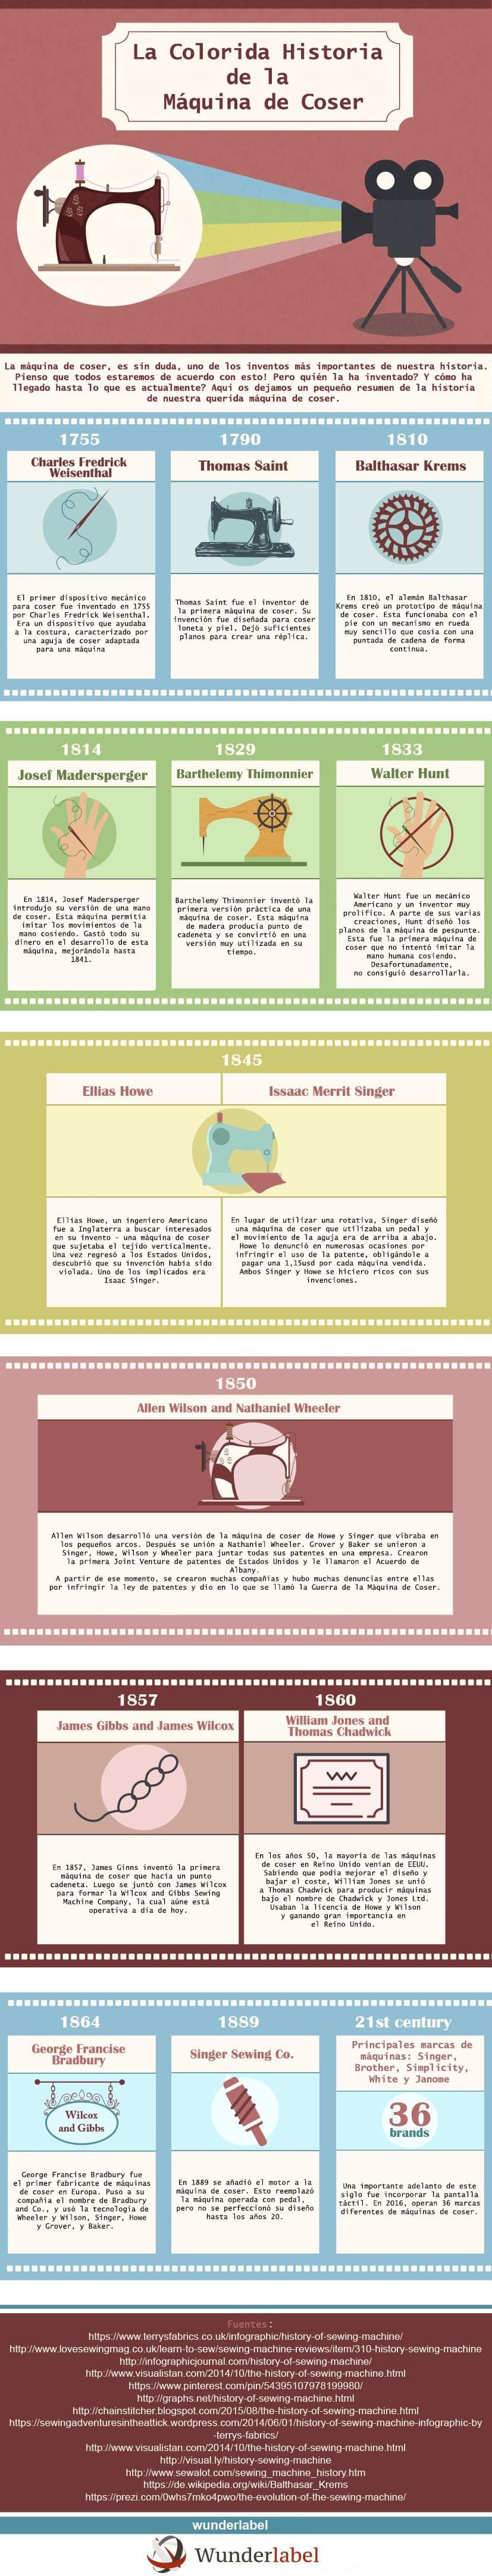 [Infográfico] Historia Ilustrada de la Máquina de Coser